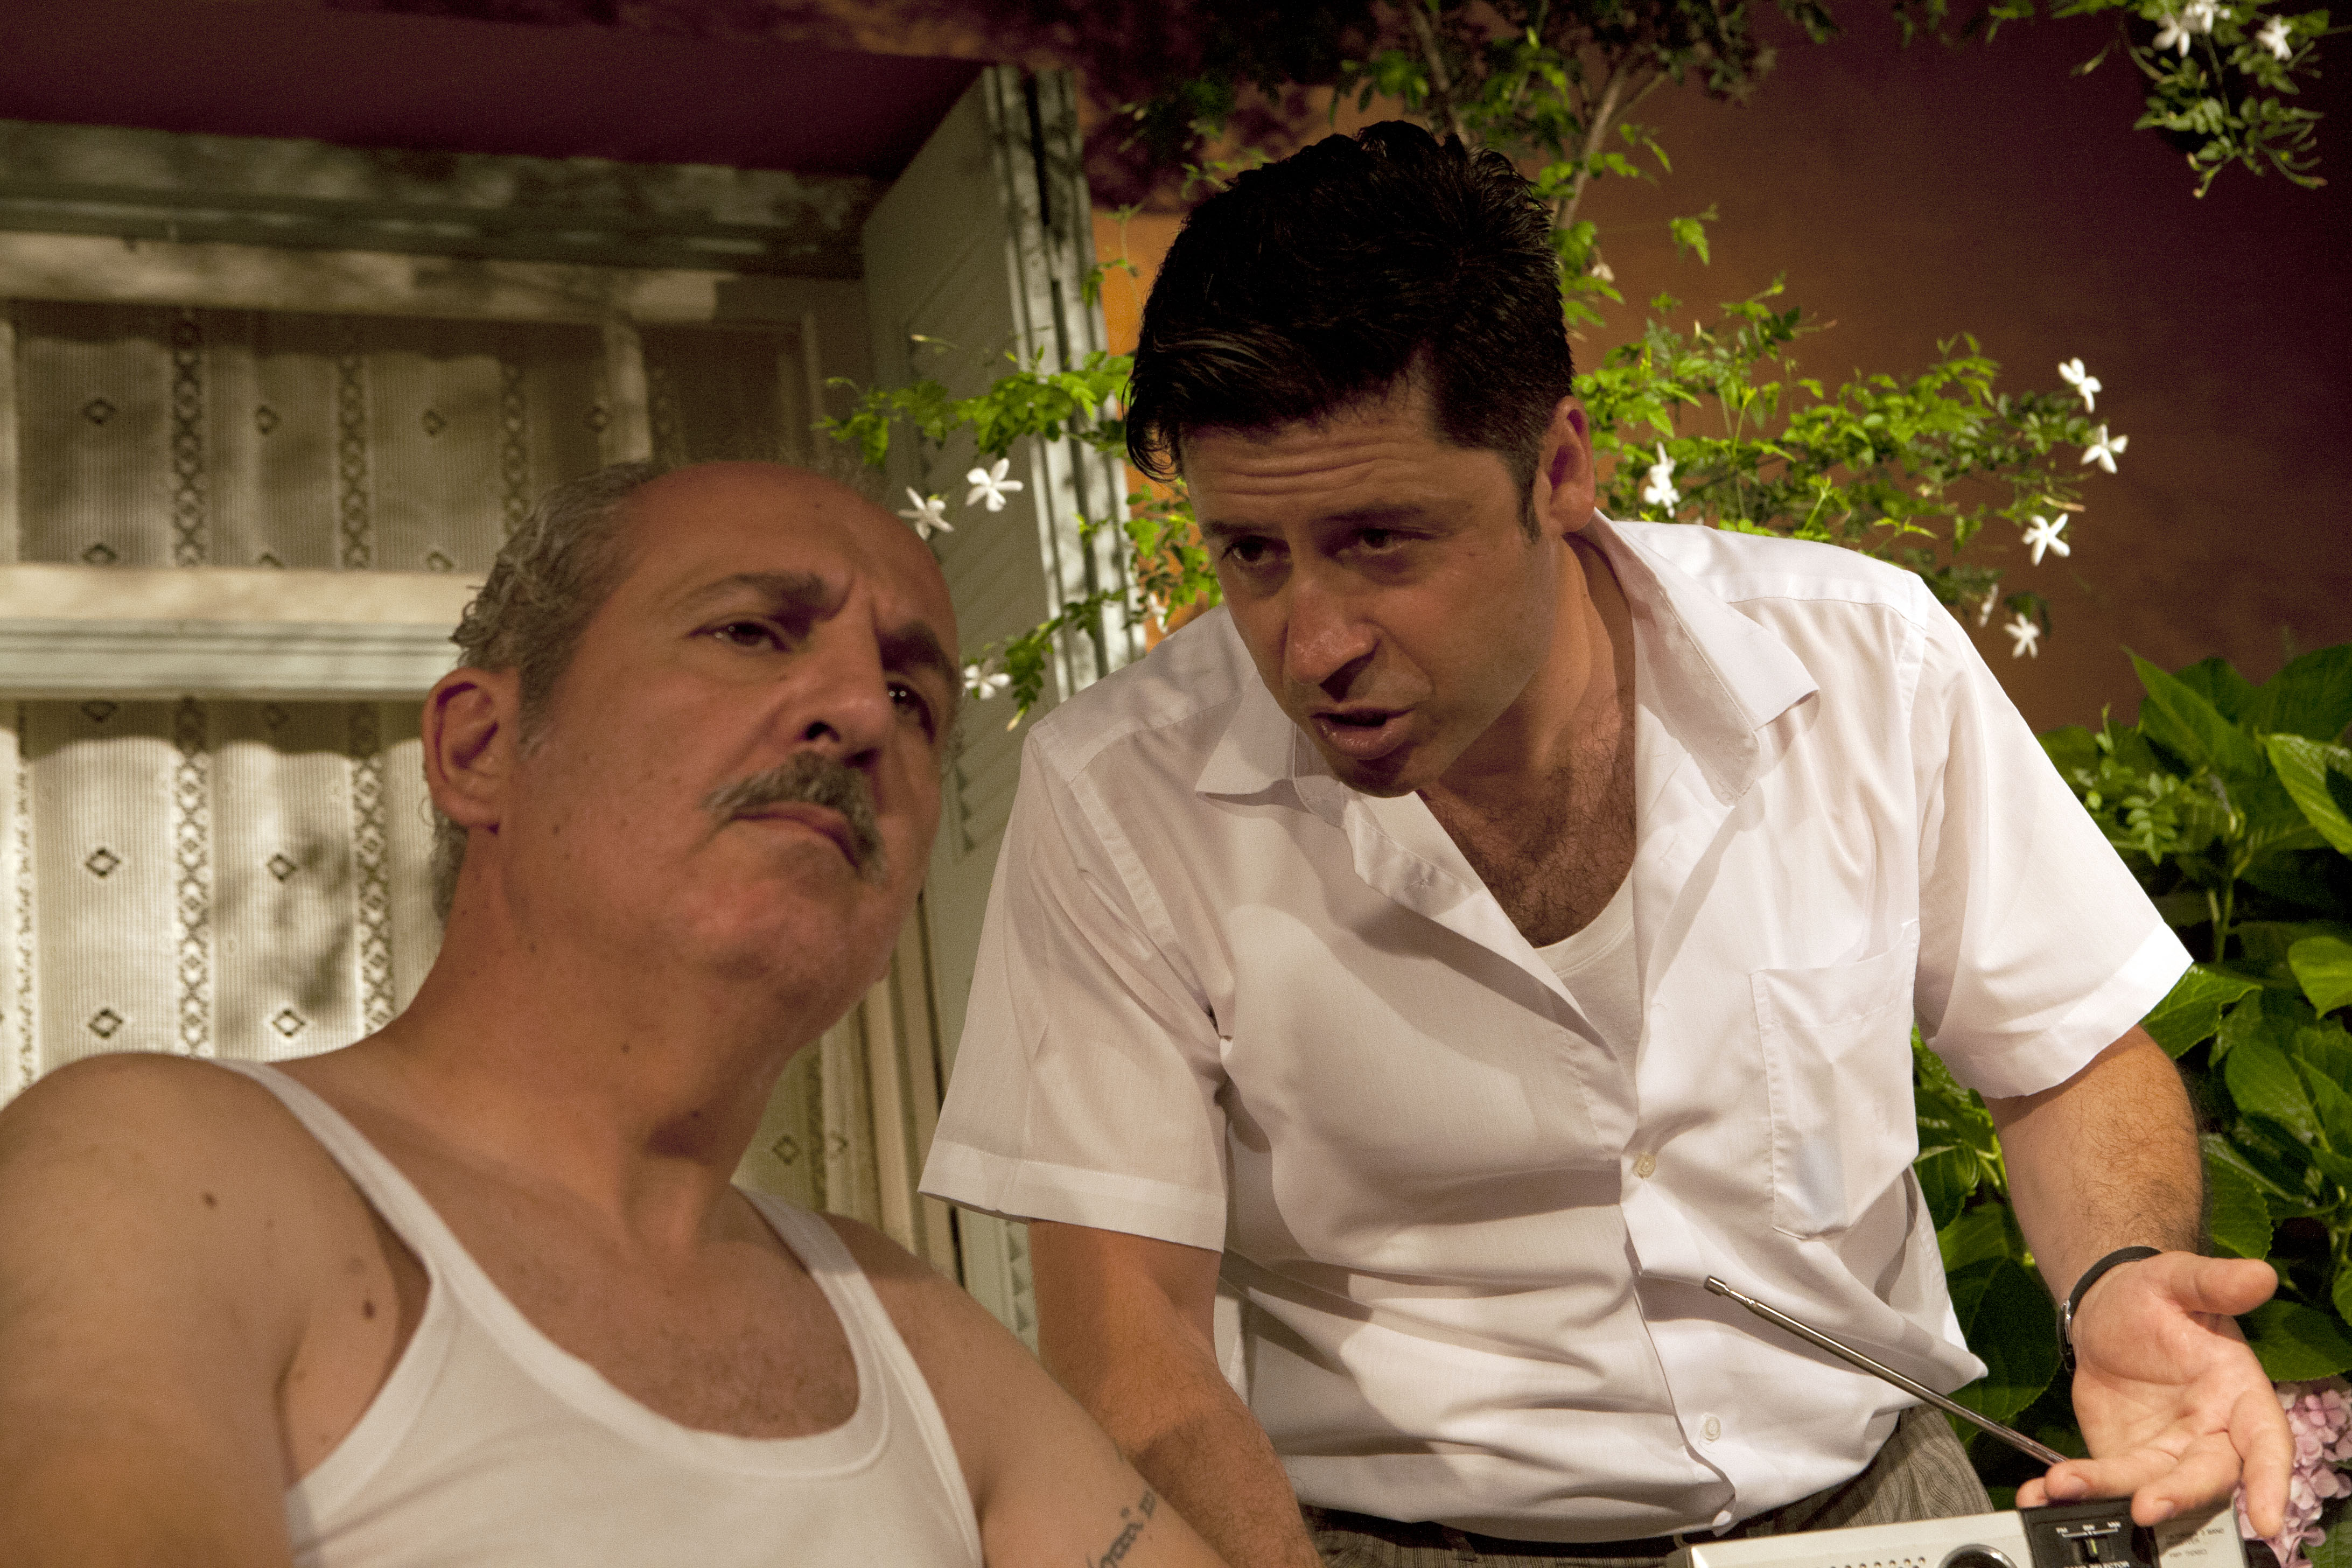 Ο Αιμίλιος Καλογερής και ο Φώτης Κοτρώτσος σε μια χαρακτηριστική στιγμή του έργου